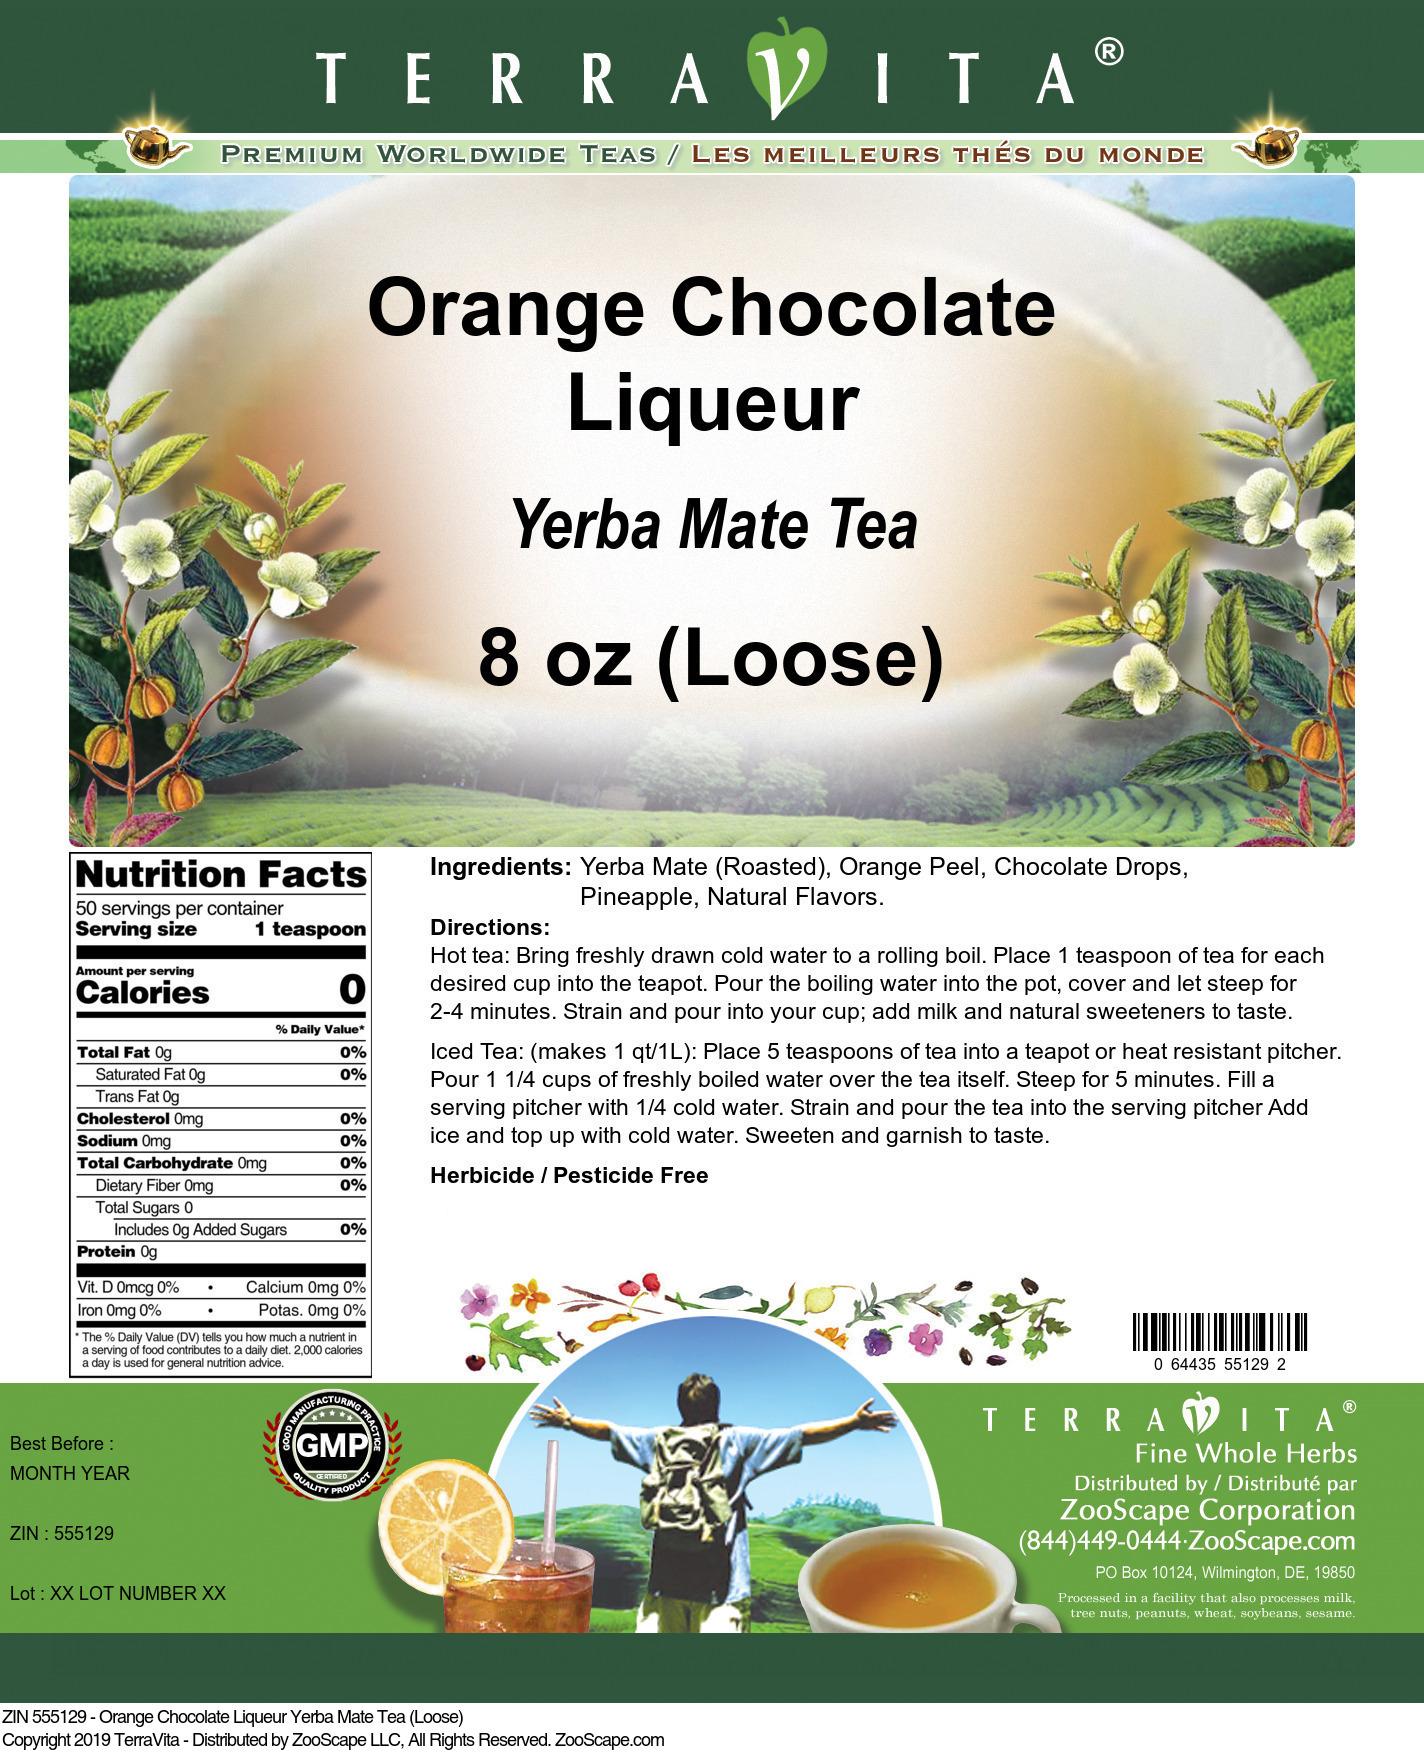 Orange Chocolate Liqueur Yerba Mate